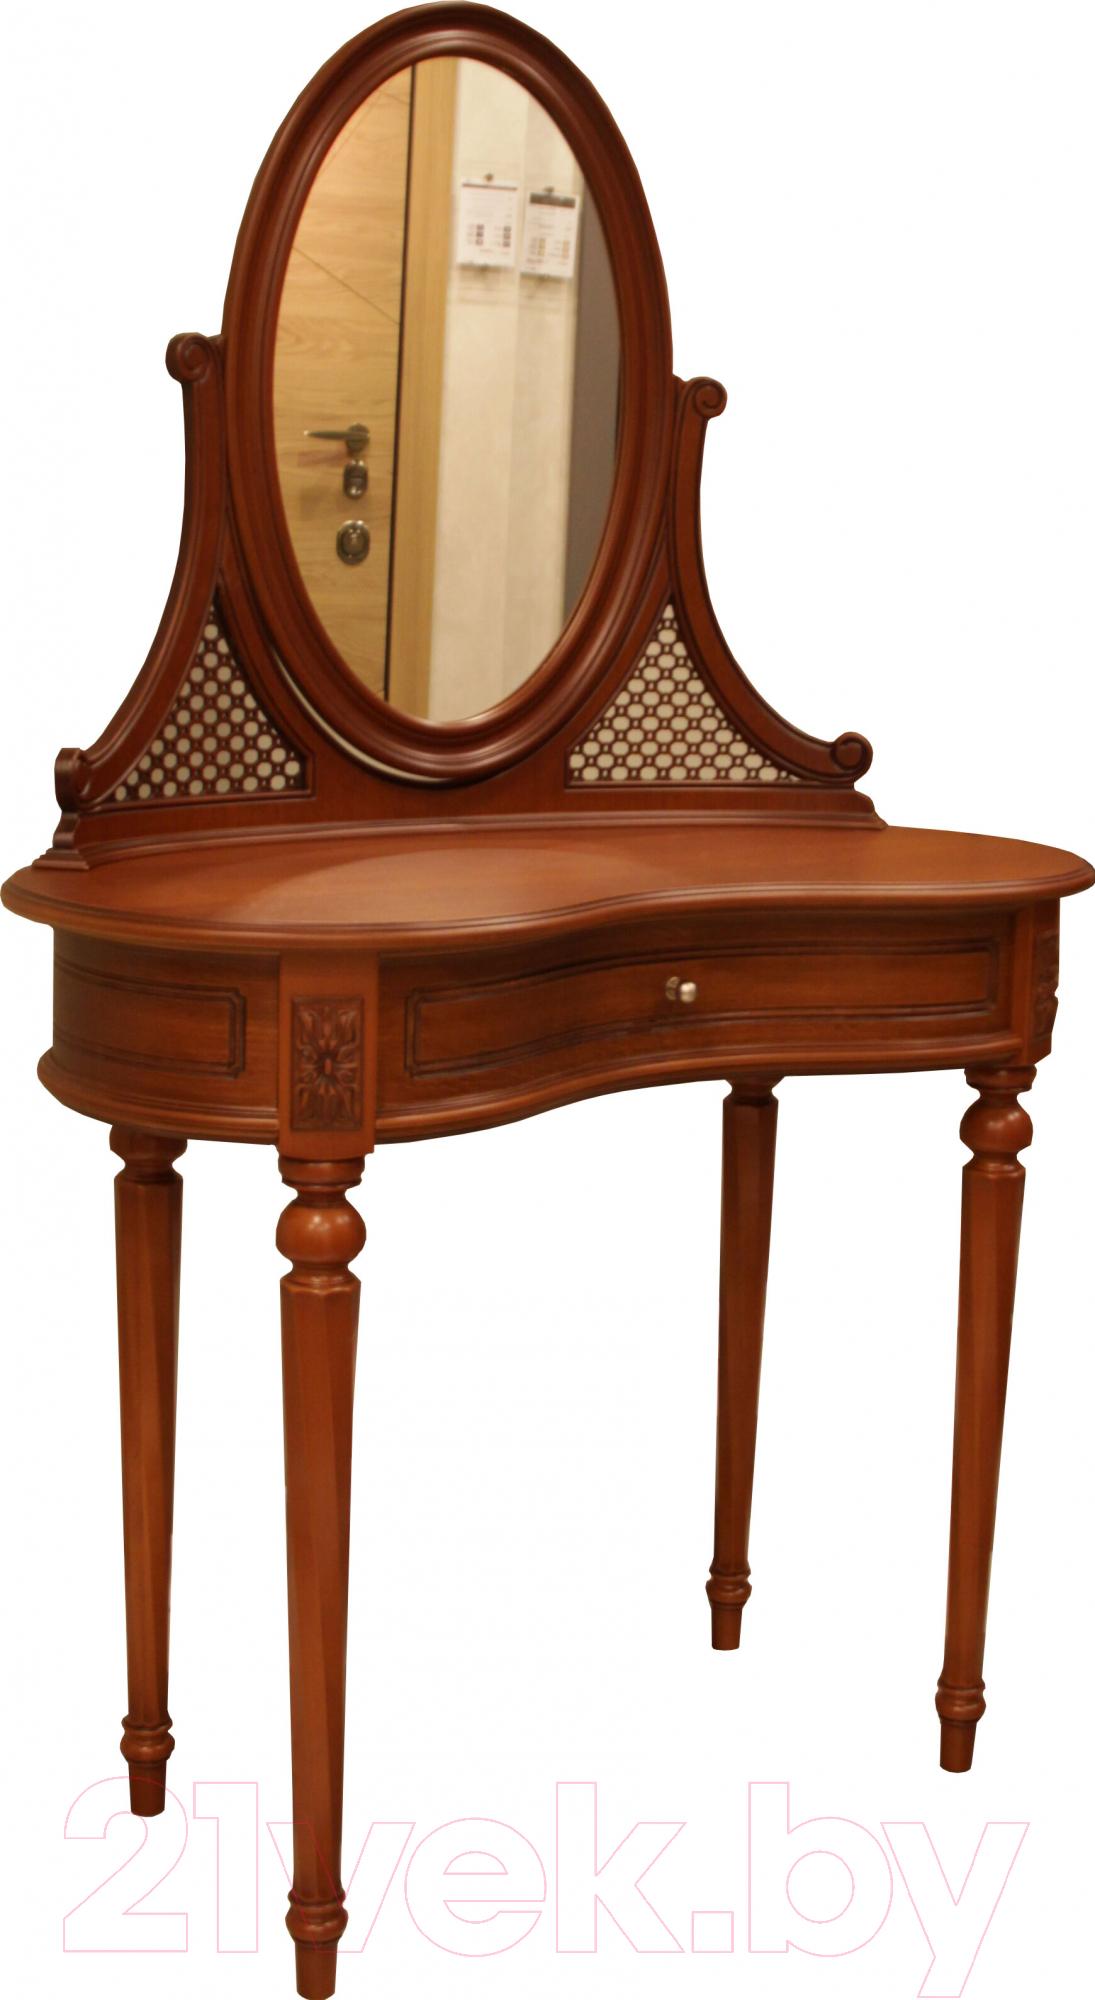 Купить Туалетный столик с зеркалом ГрандМодерн, Орех, Беларусь, дерево средних тонов